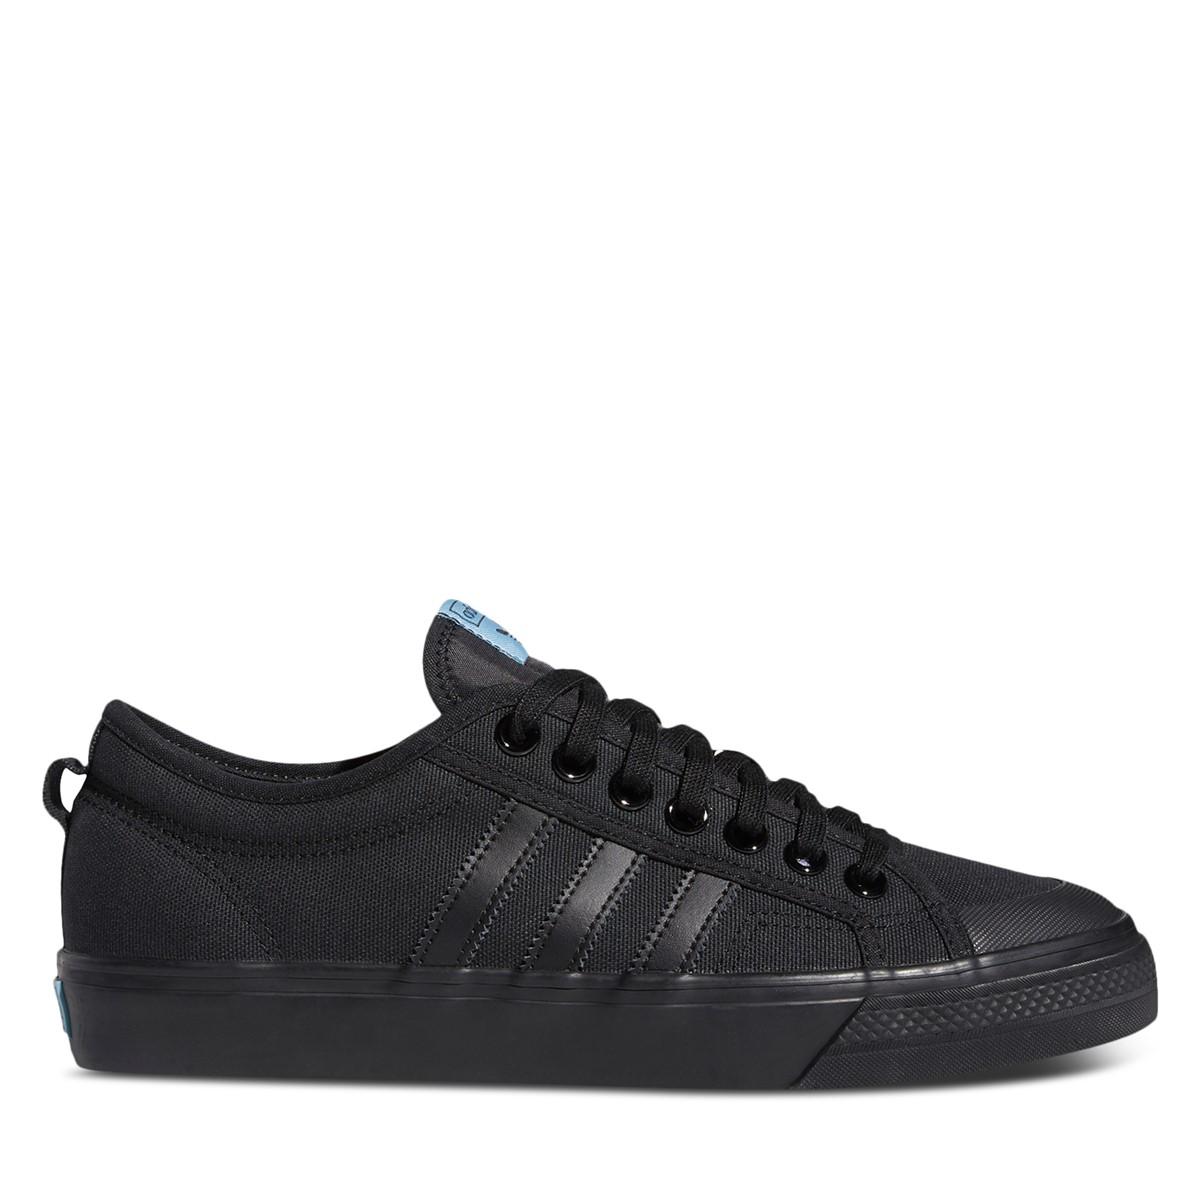 Men's Nizza Sneakers in Black